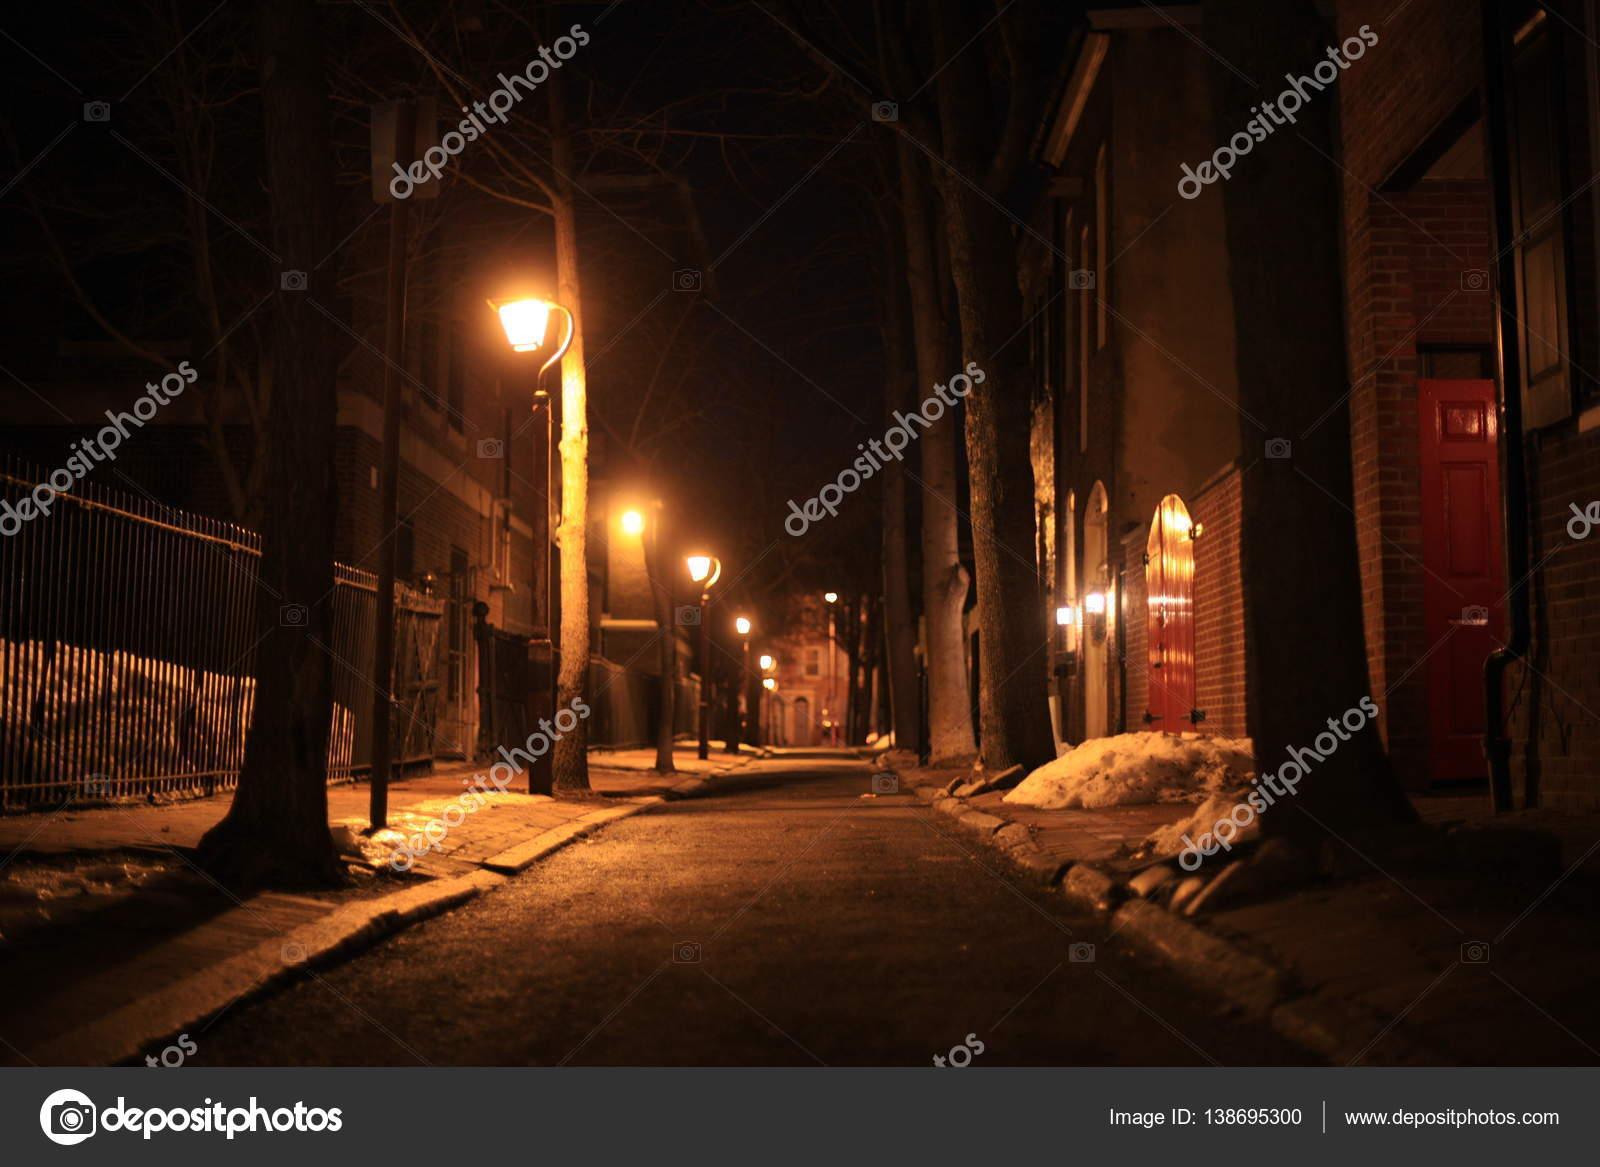 Lampadaires De Ville Nuit Hiver Photographie Tiden C 138695300